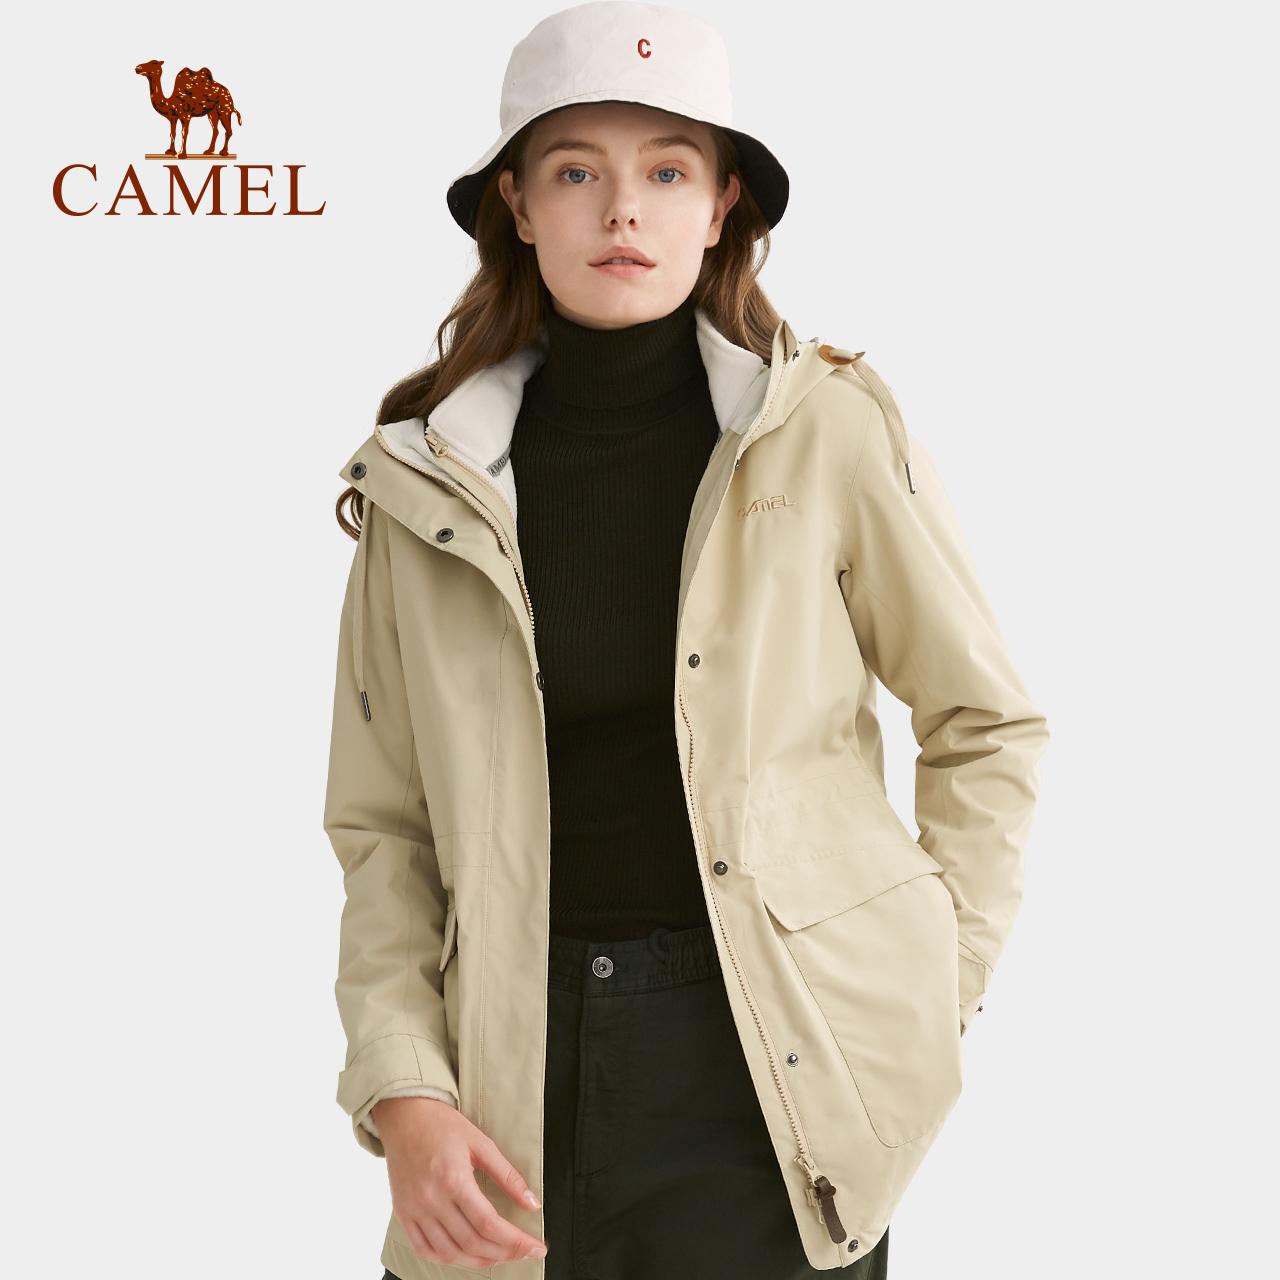 骆驼冲锋衣女中长款三合一可拆卸两件套 户外秋冬季旅行外套Camel